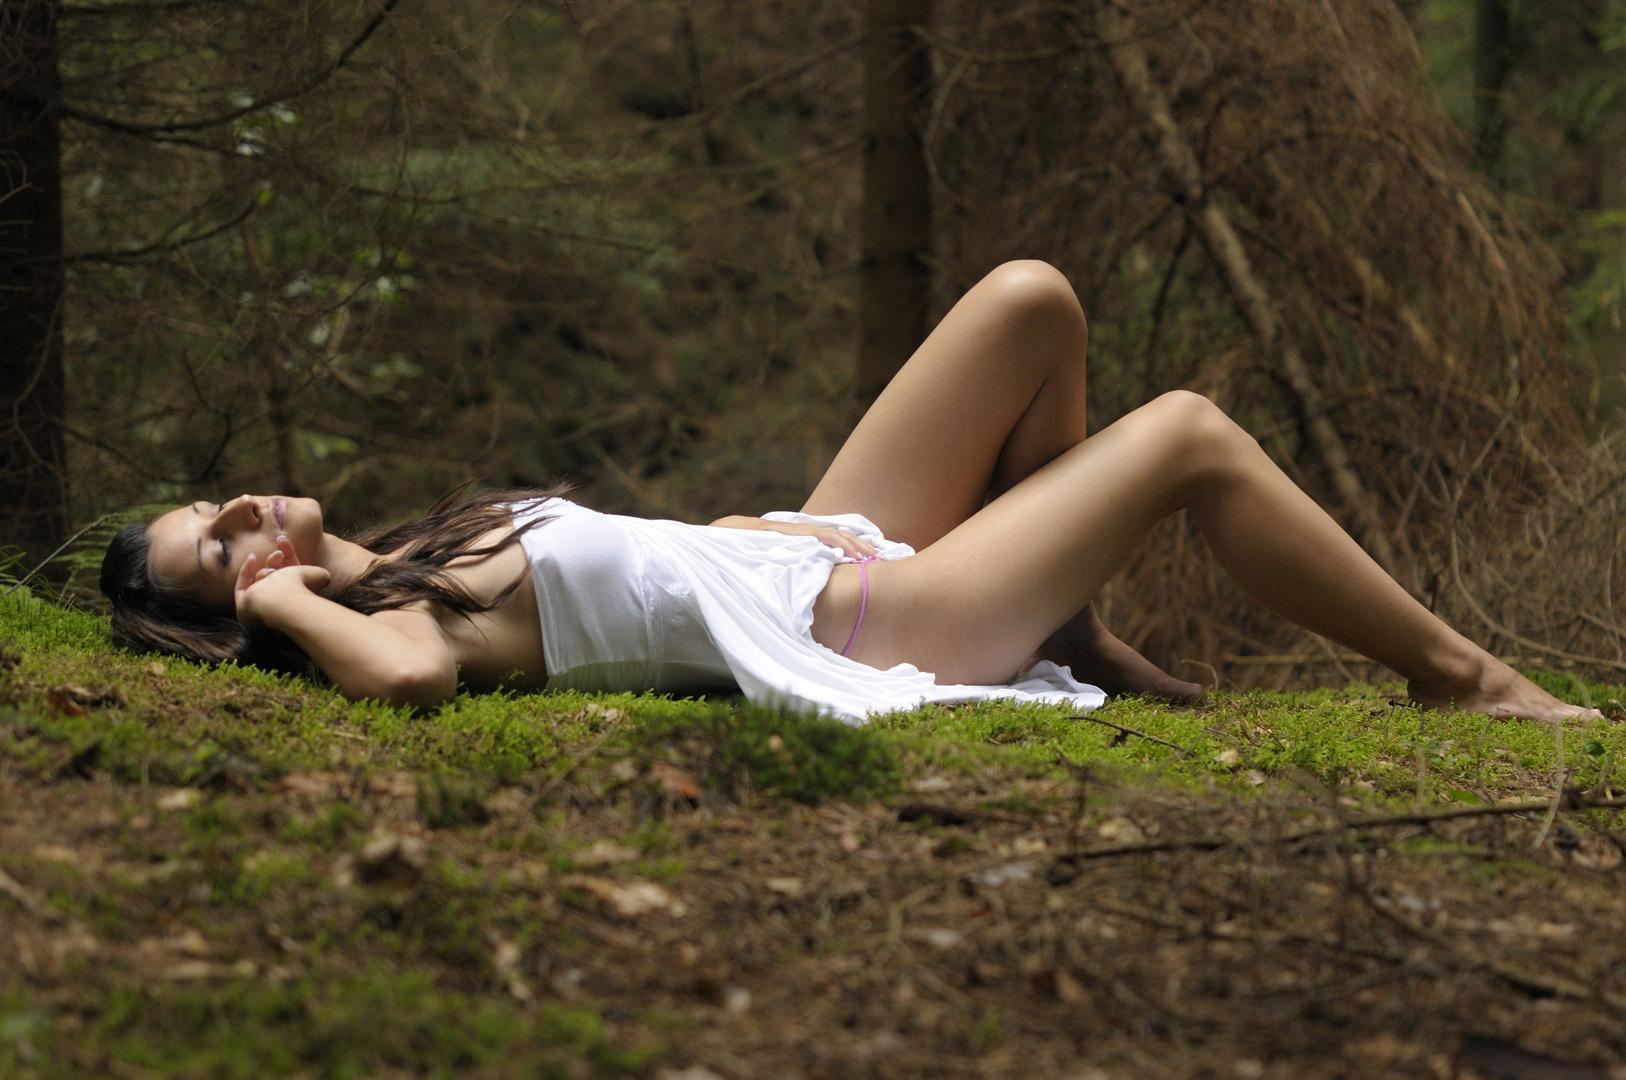 Erotik Im Wald